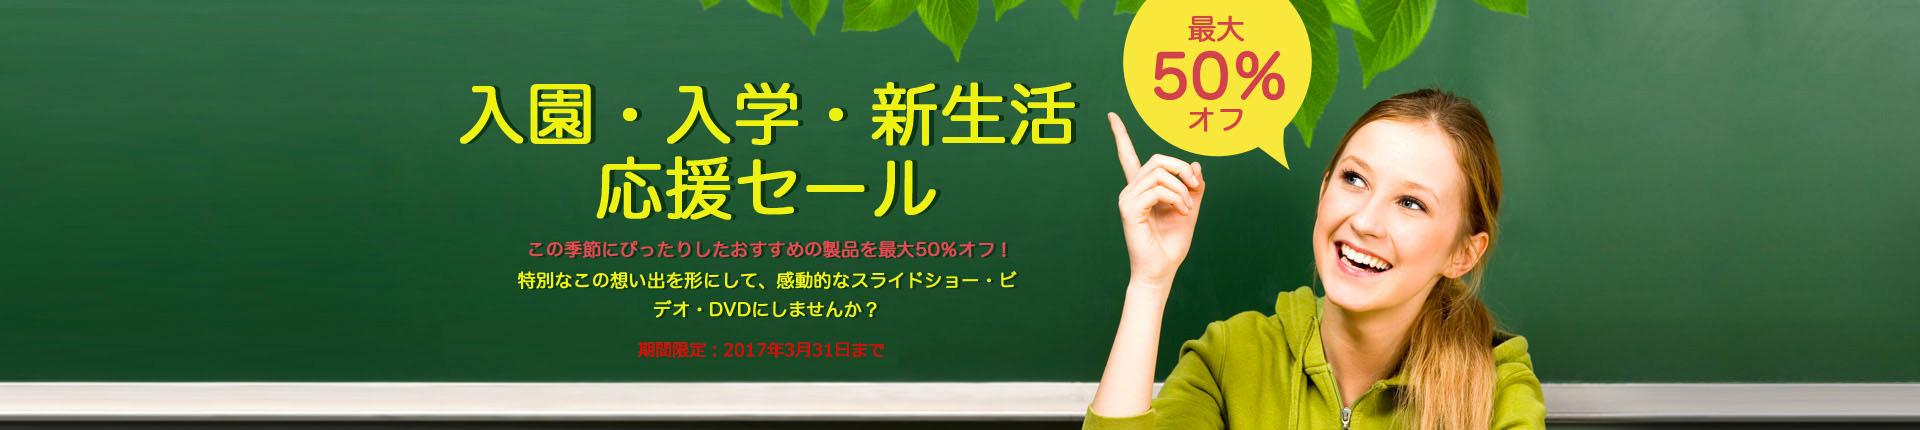 iSkysoft Spring promotion 最大50%!